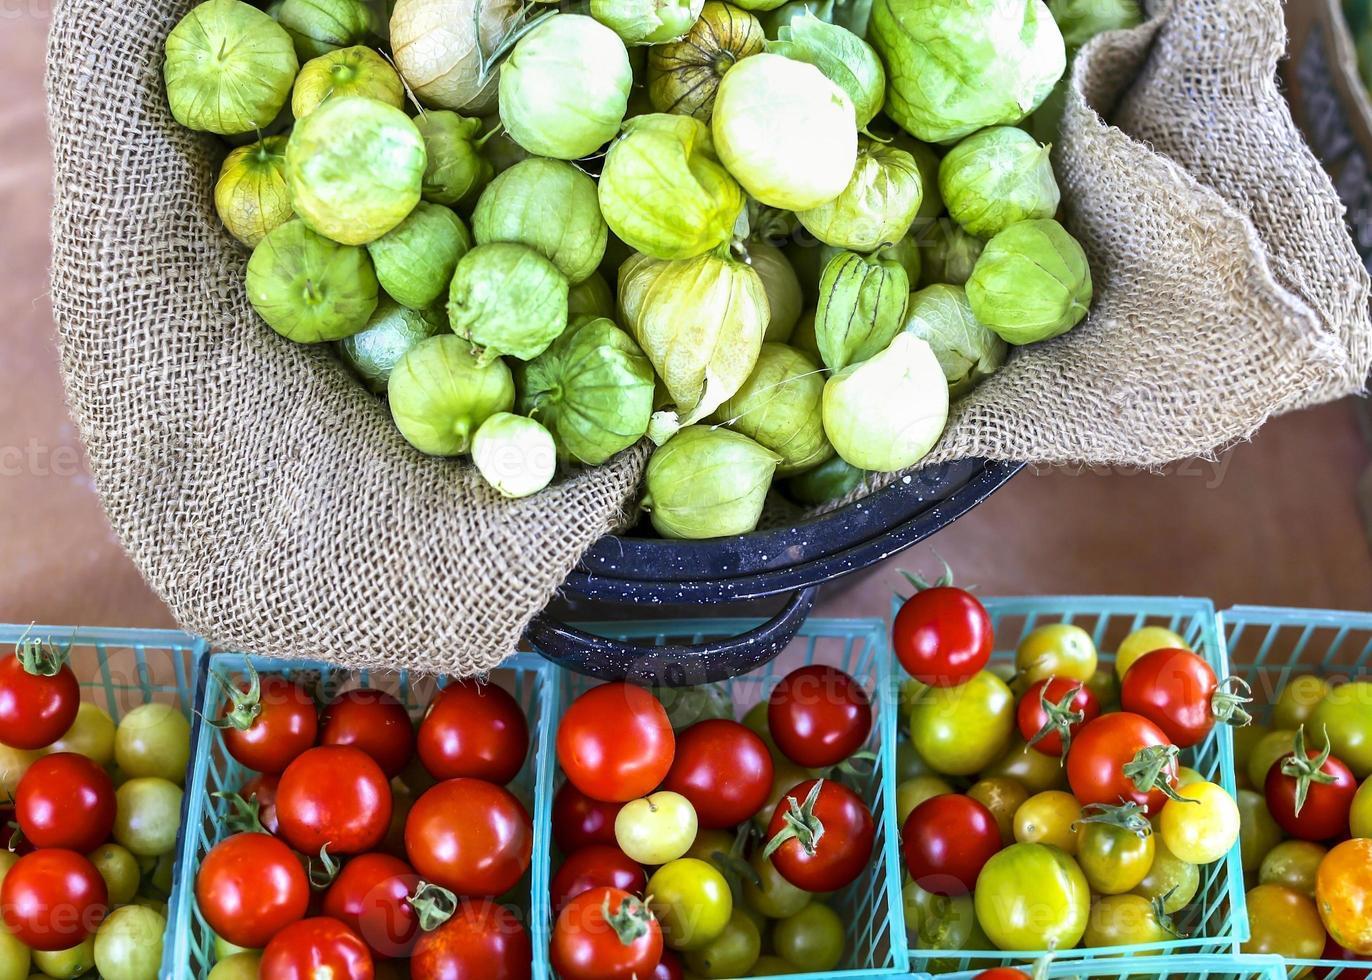 tomatillos_and_tomatoes photo